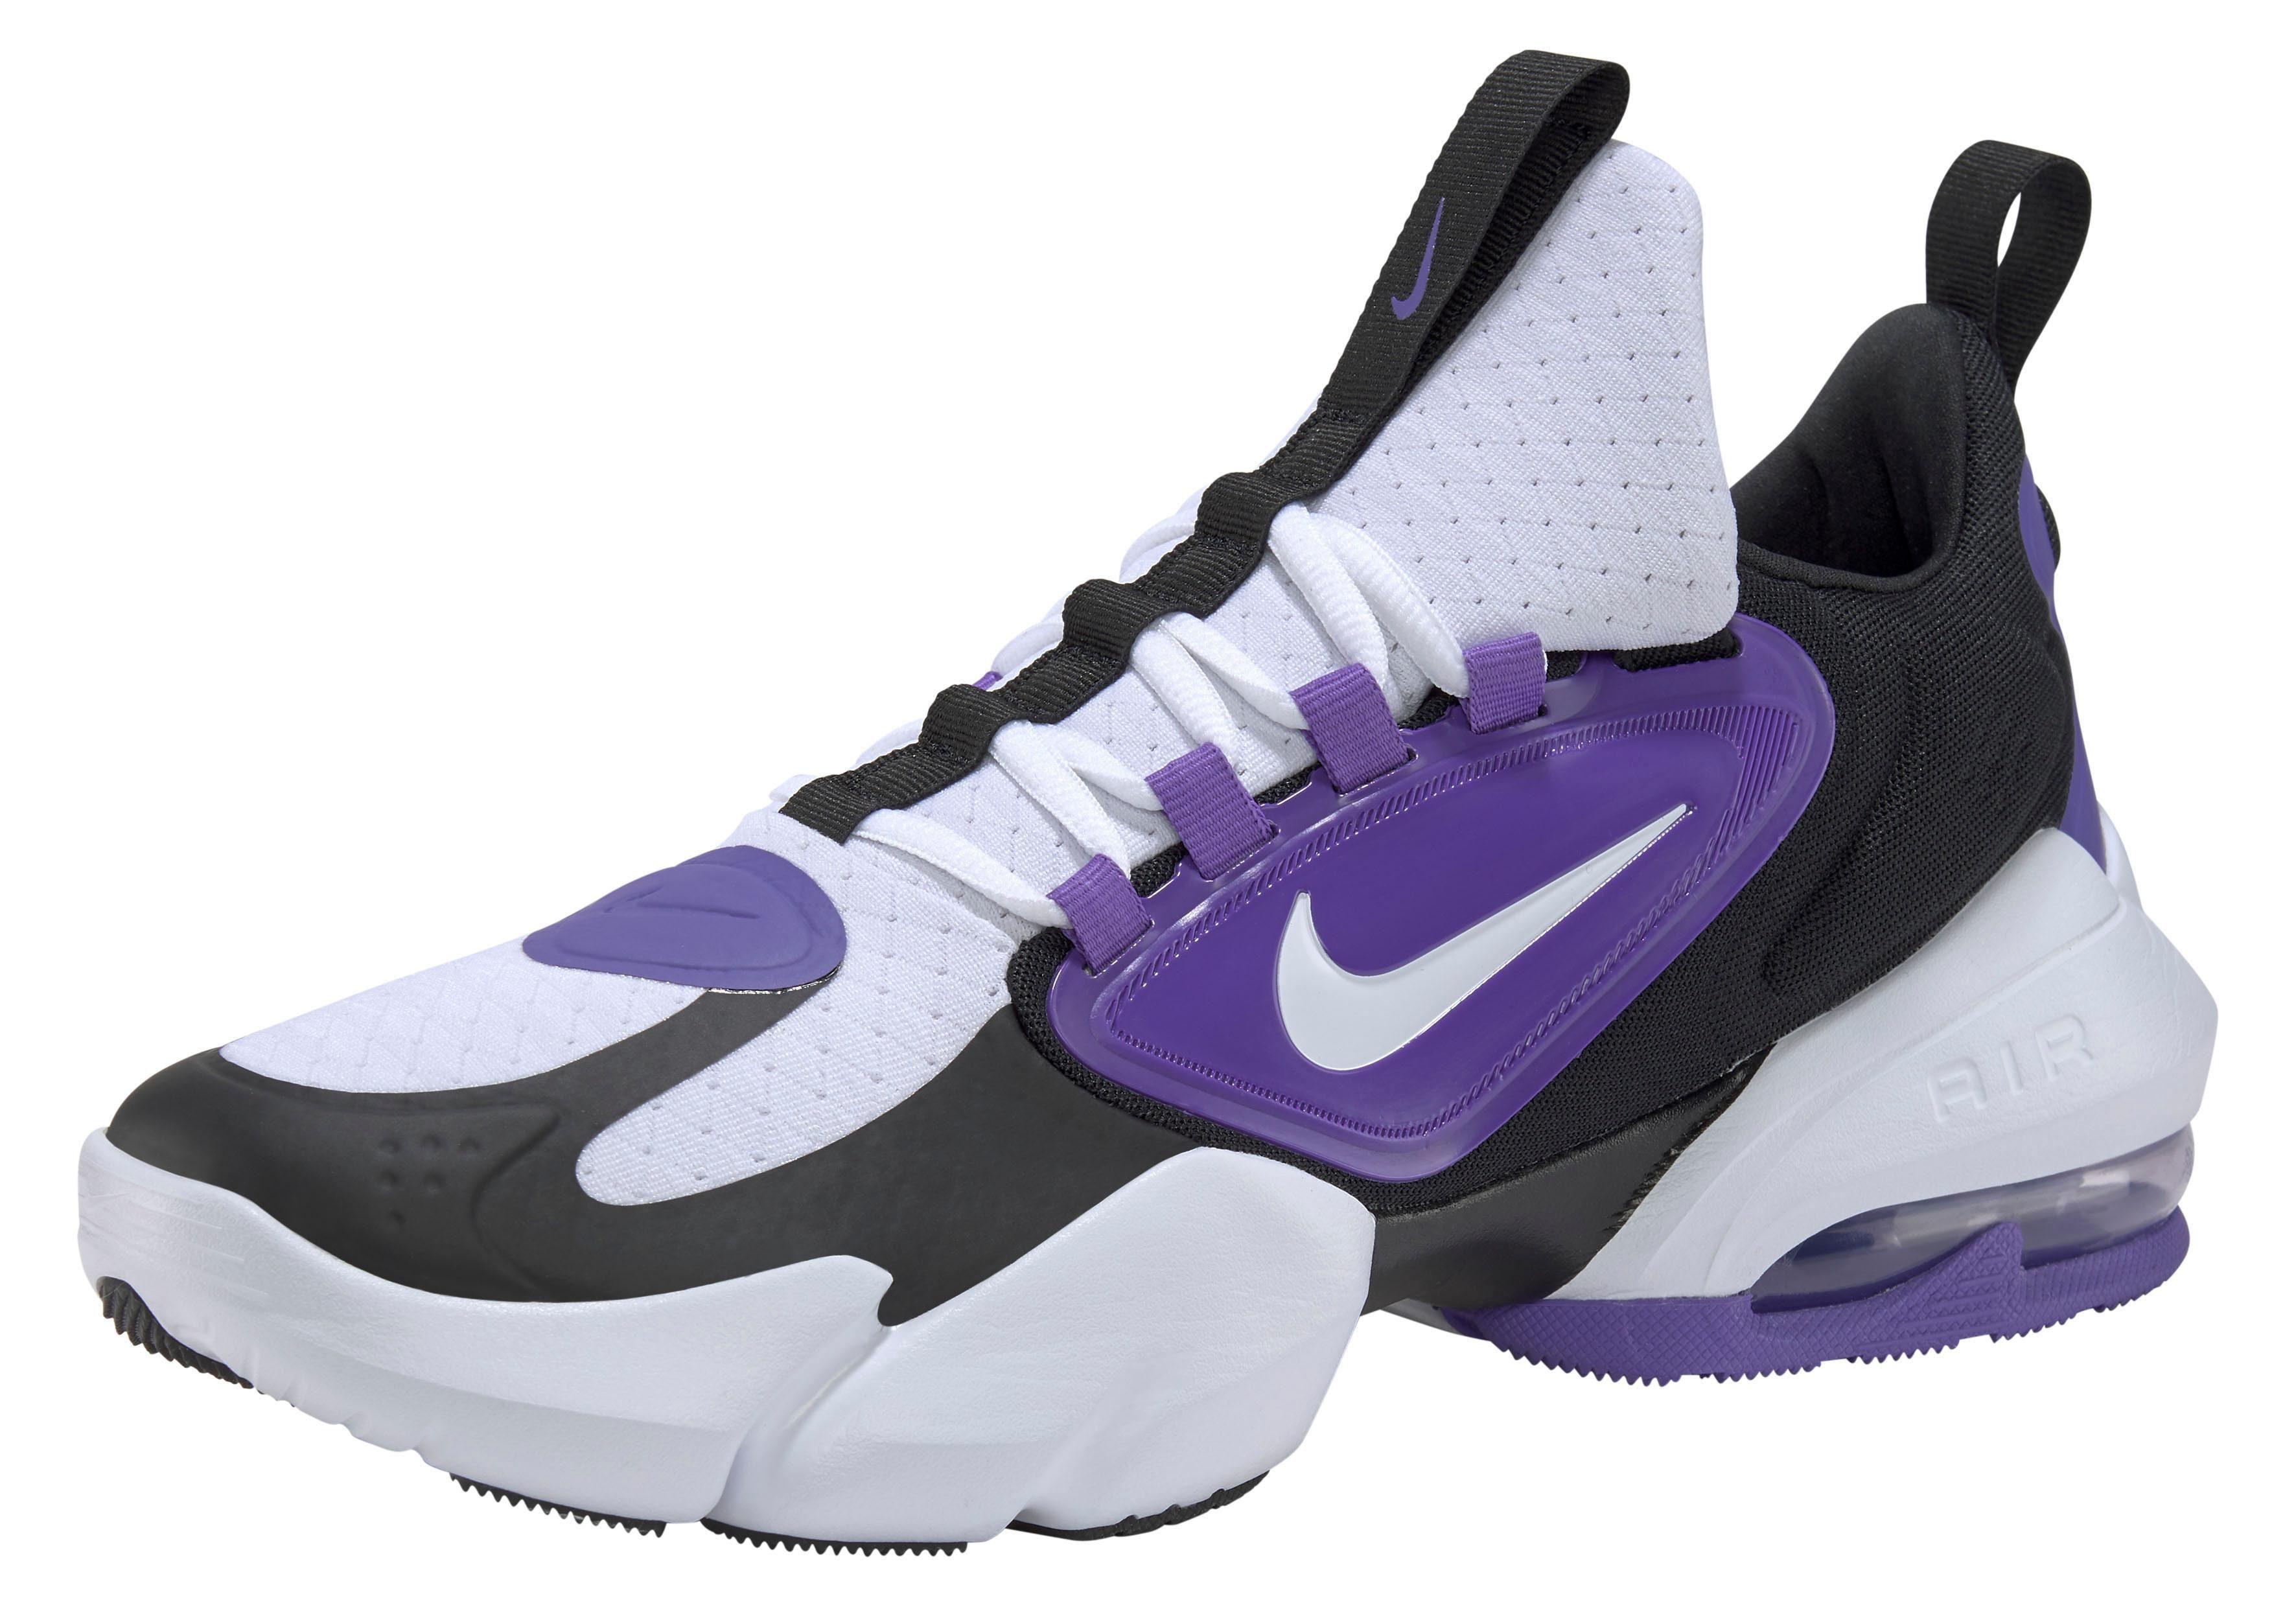 Nike »Air Max Alpha Savage« Sneaker, Stylischer Trainingsschuh von Nike online kaufen | OTTO